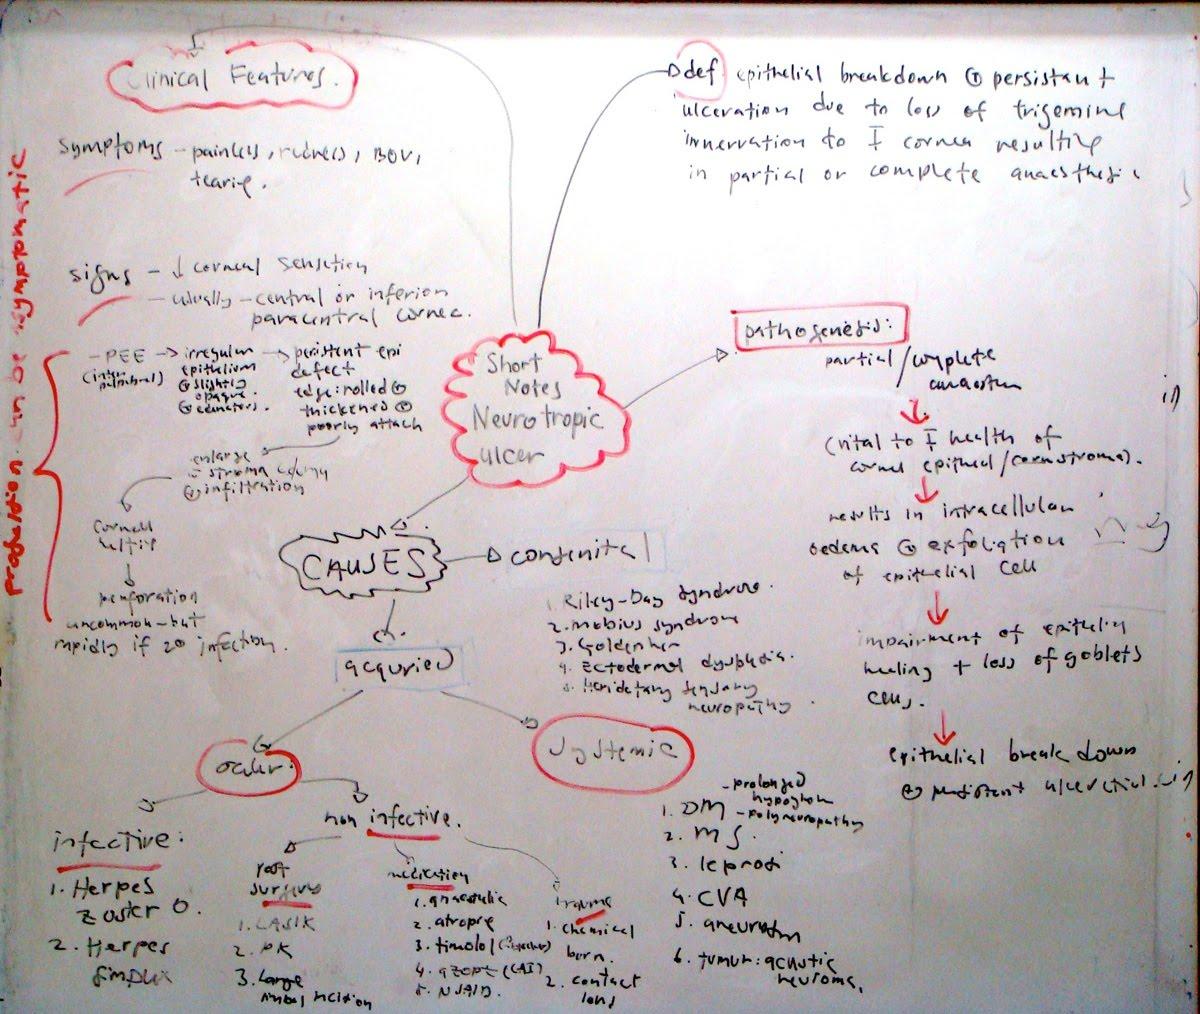 http://1.bp.blogspot.com/_XUbV6xXnb9E/S97UFnf6FzI/AAAAAAAAABs/4v0NkLKMjLU/s1600/neurotrop1.jpg